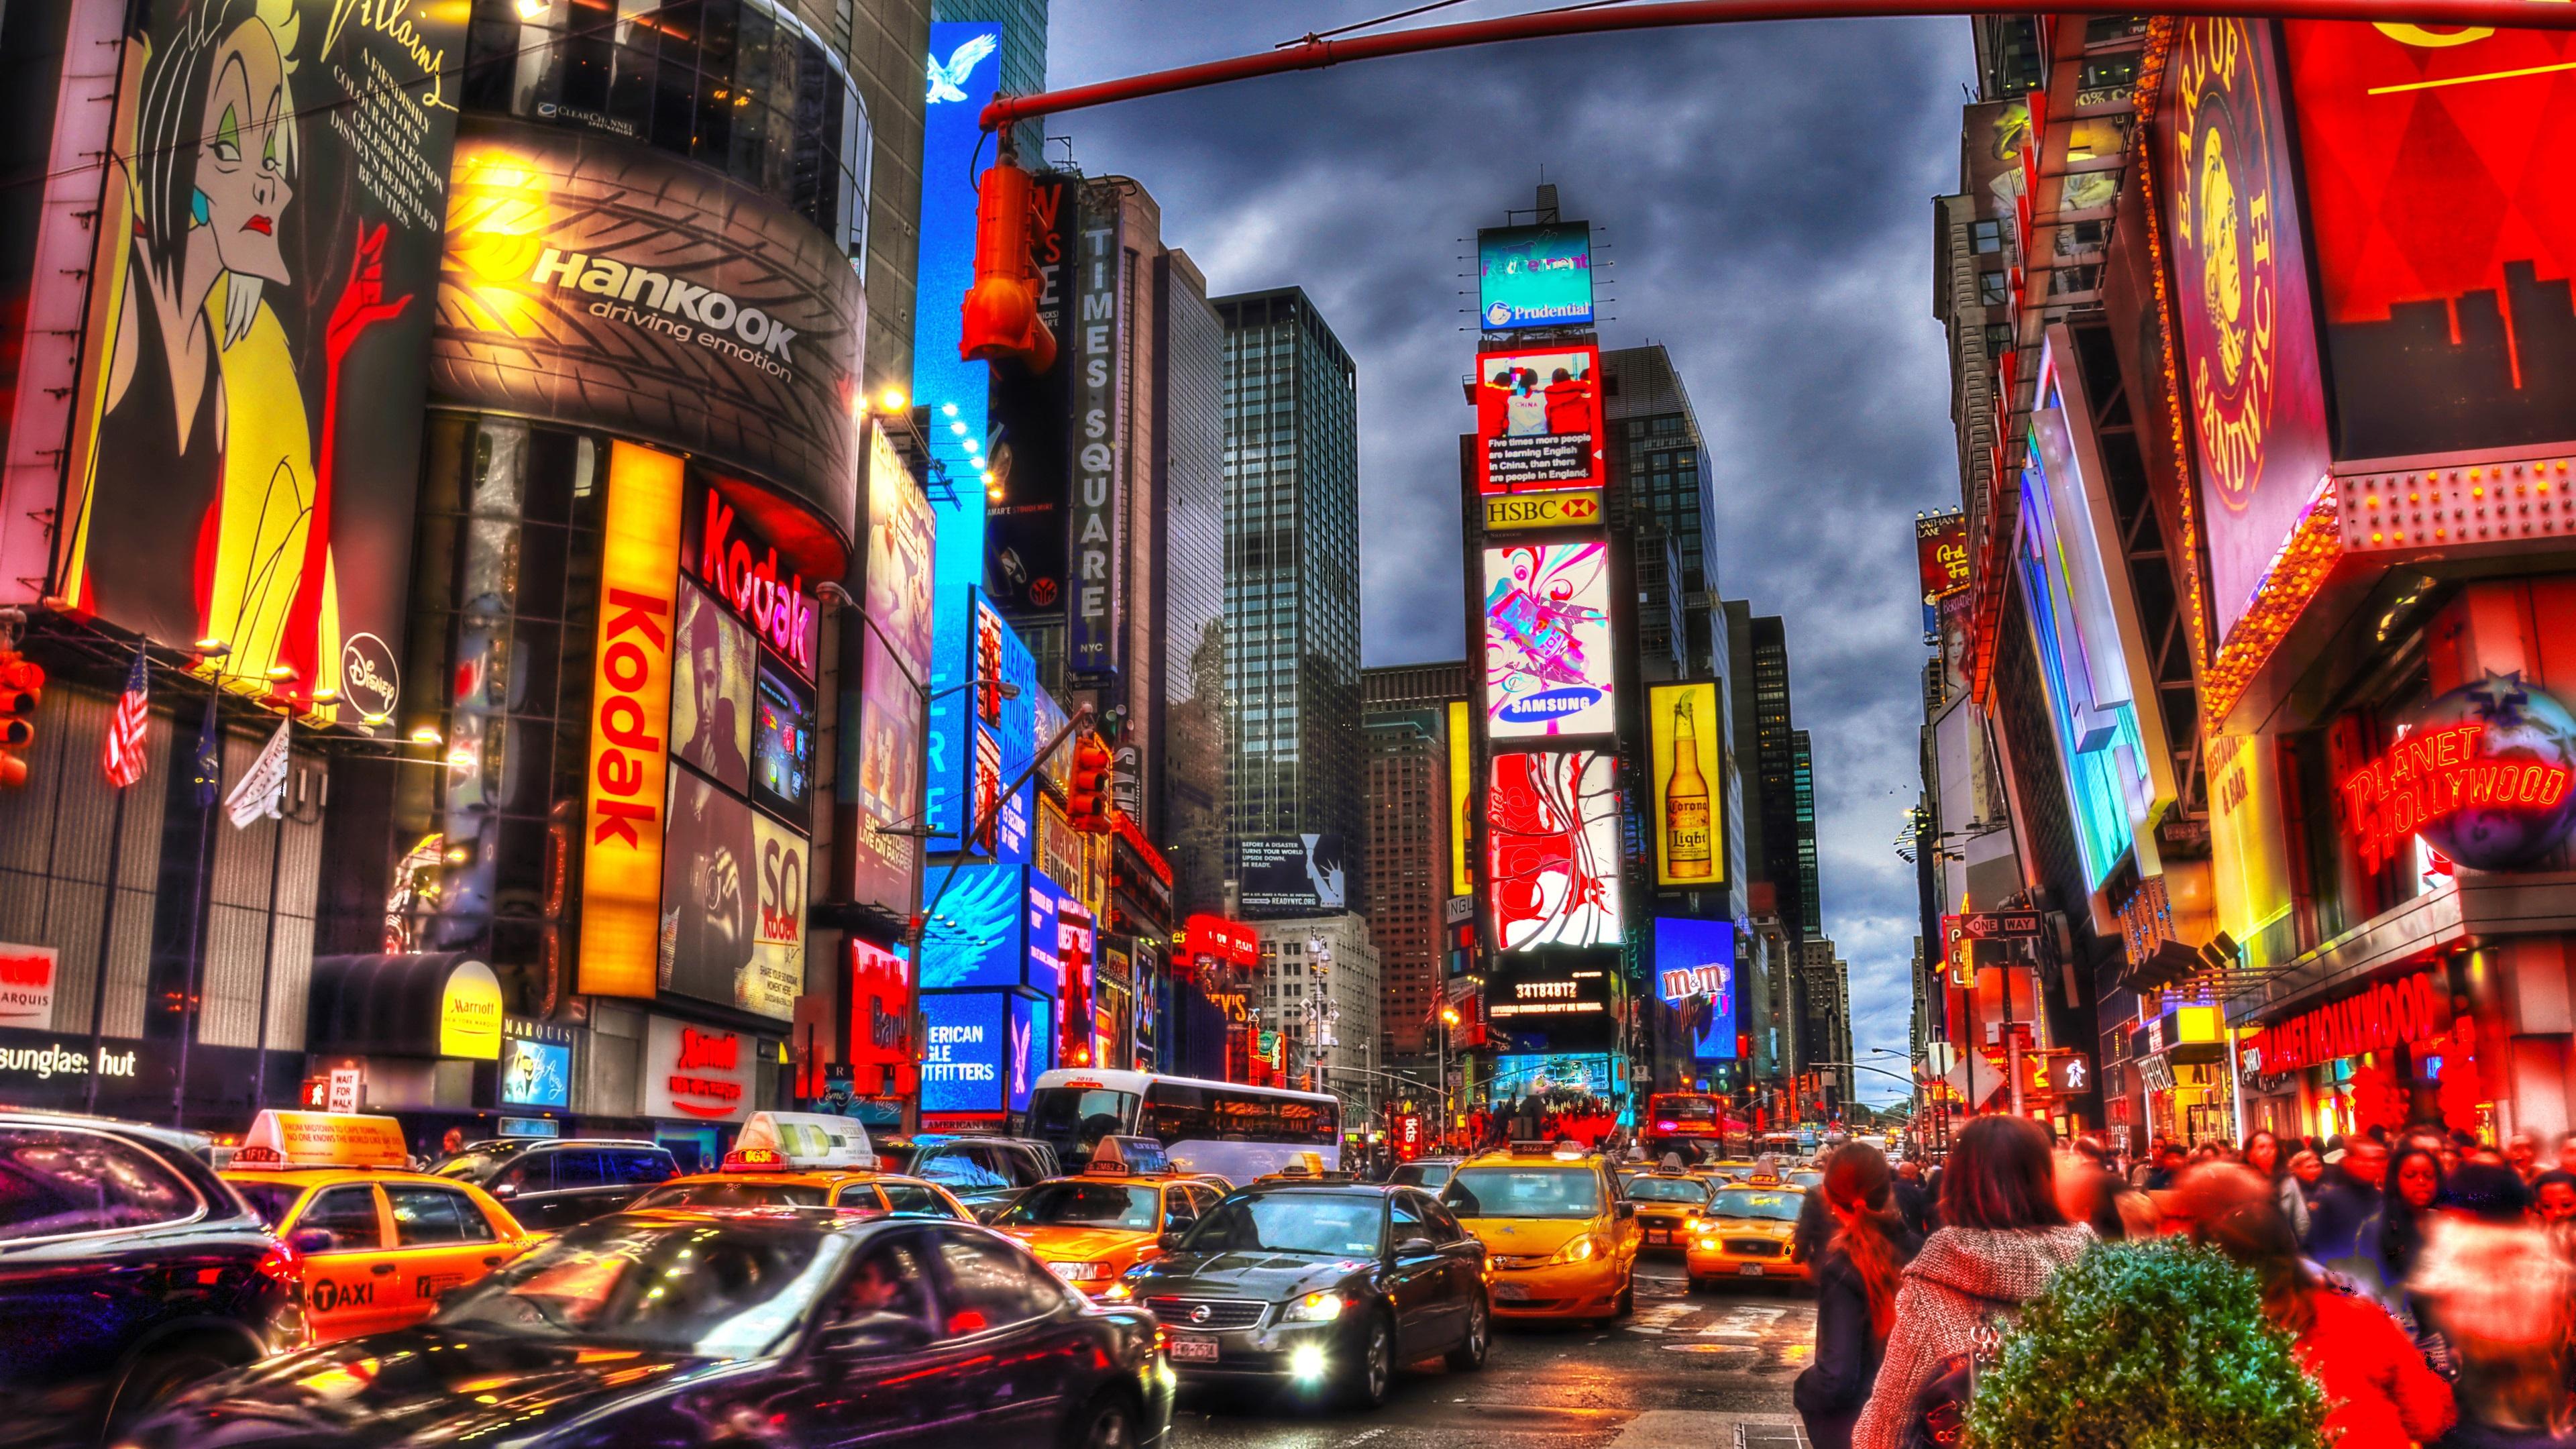 страны город указатели Нью-Йорк без регистрации